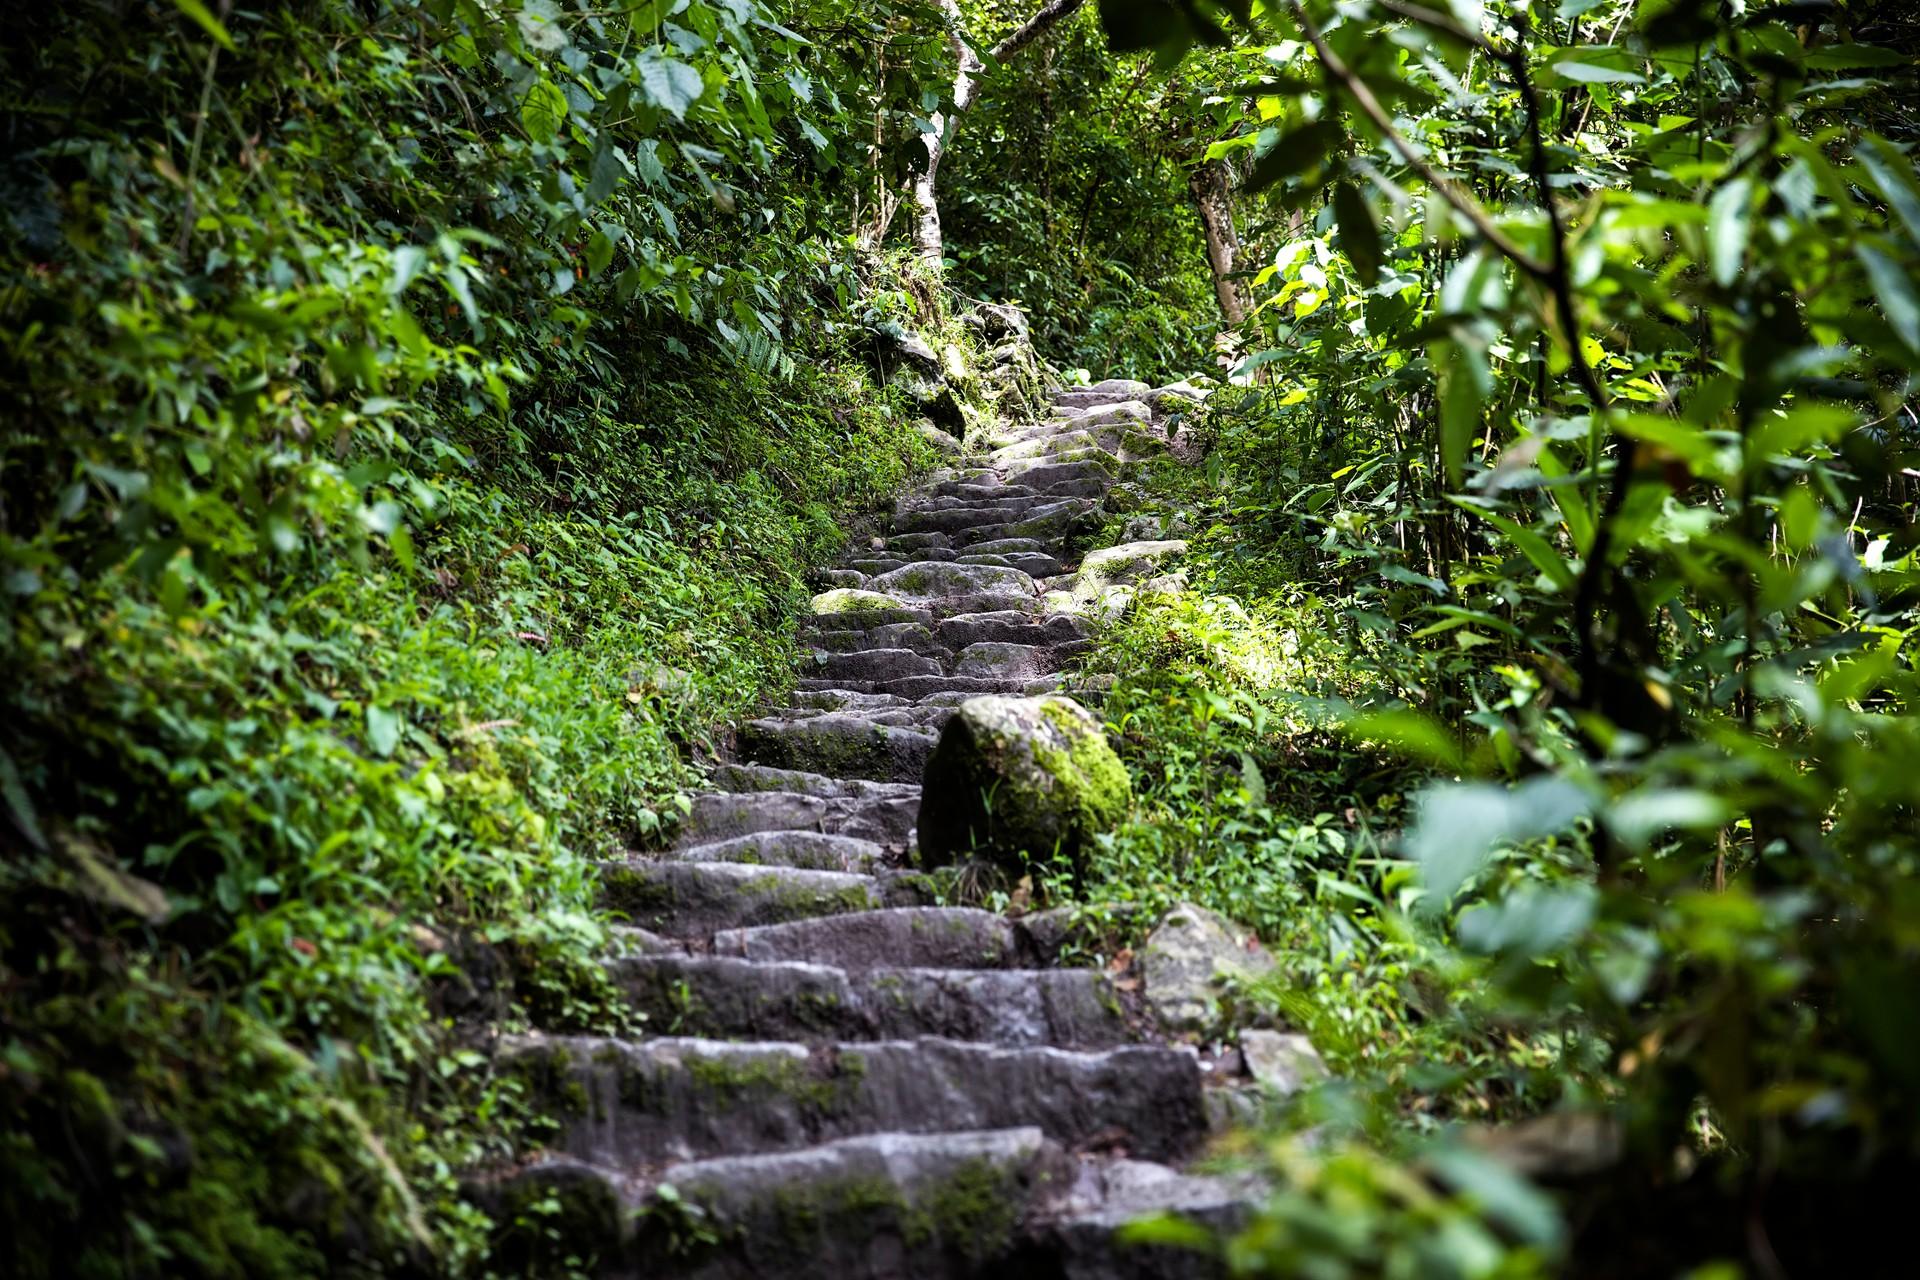 The steps of the Inca Trail to Machu Picchu in Peru